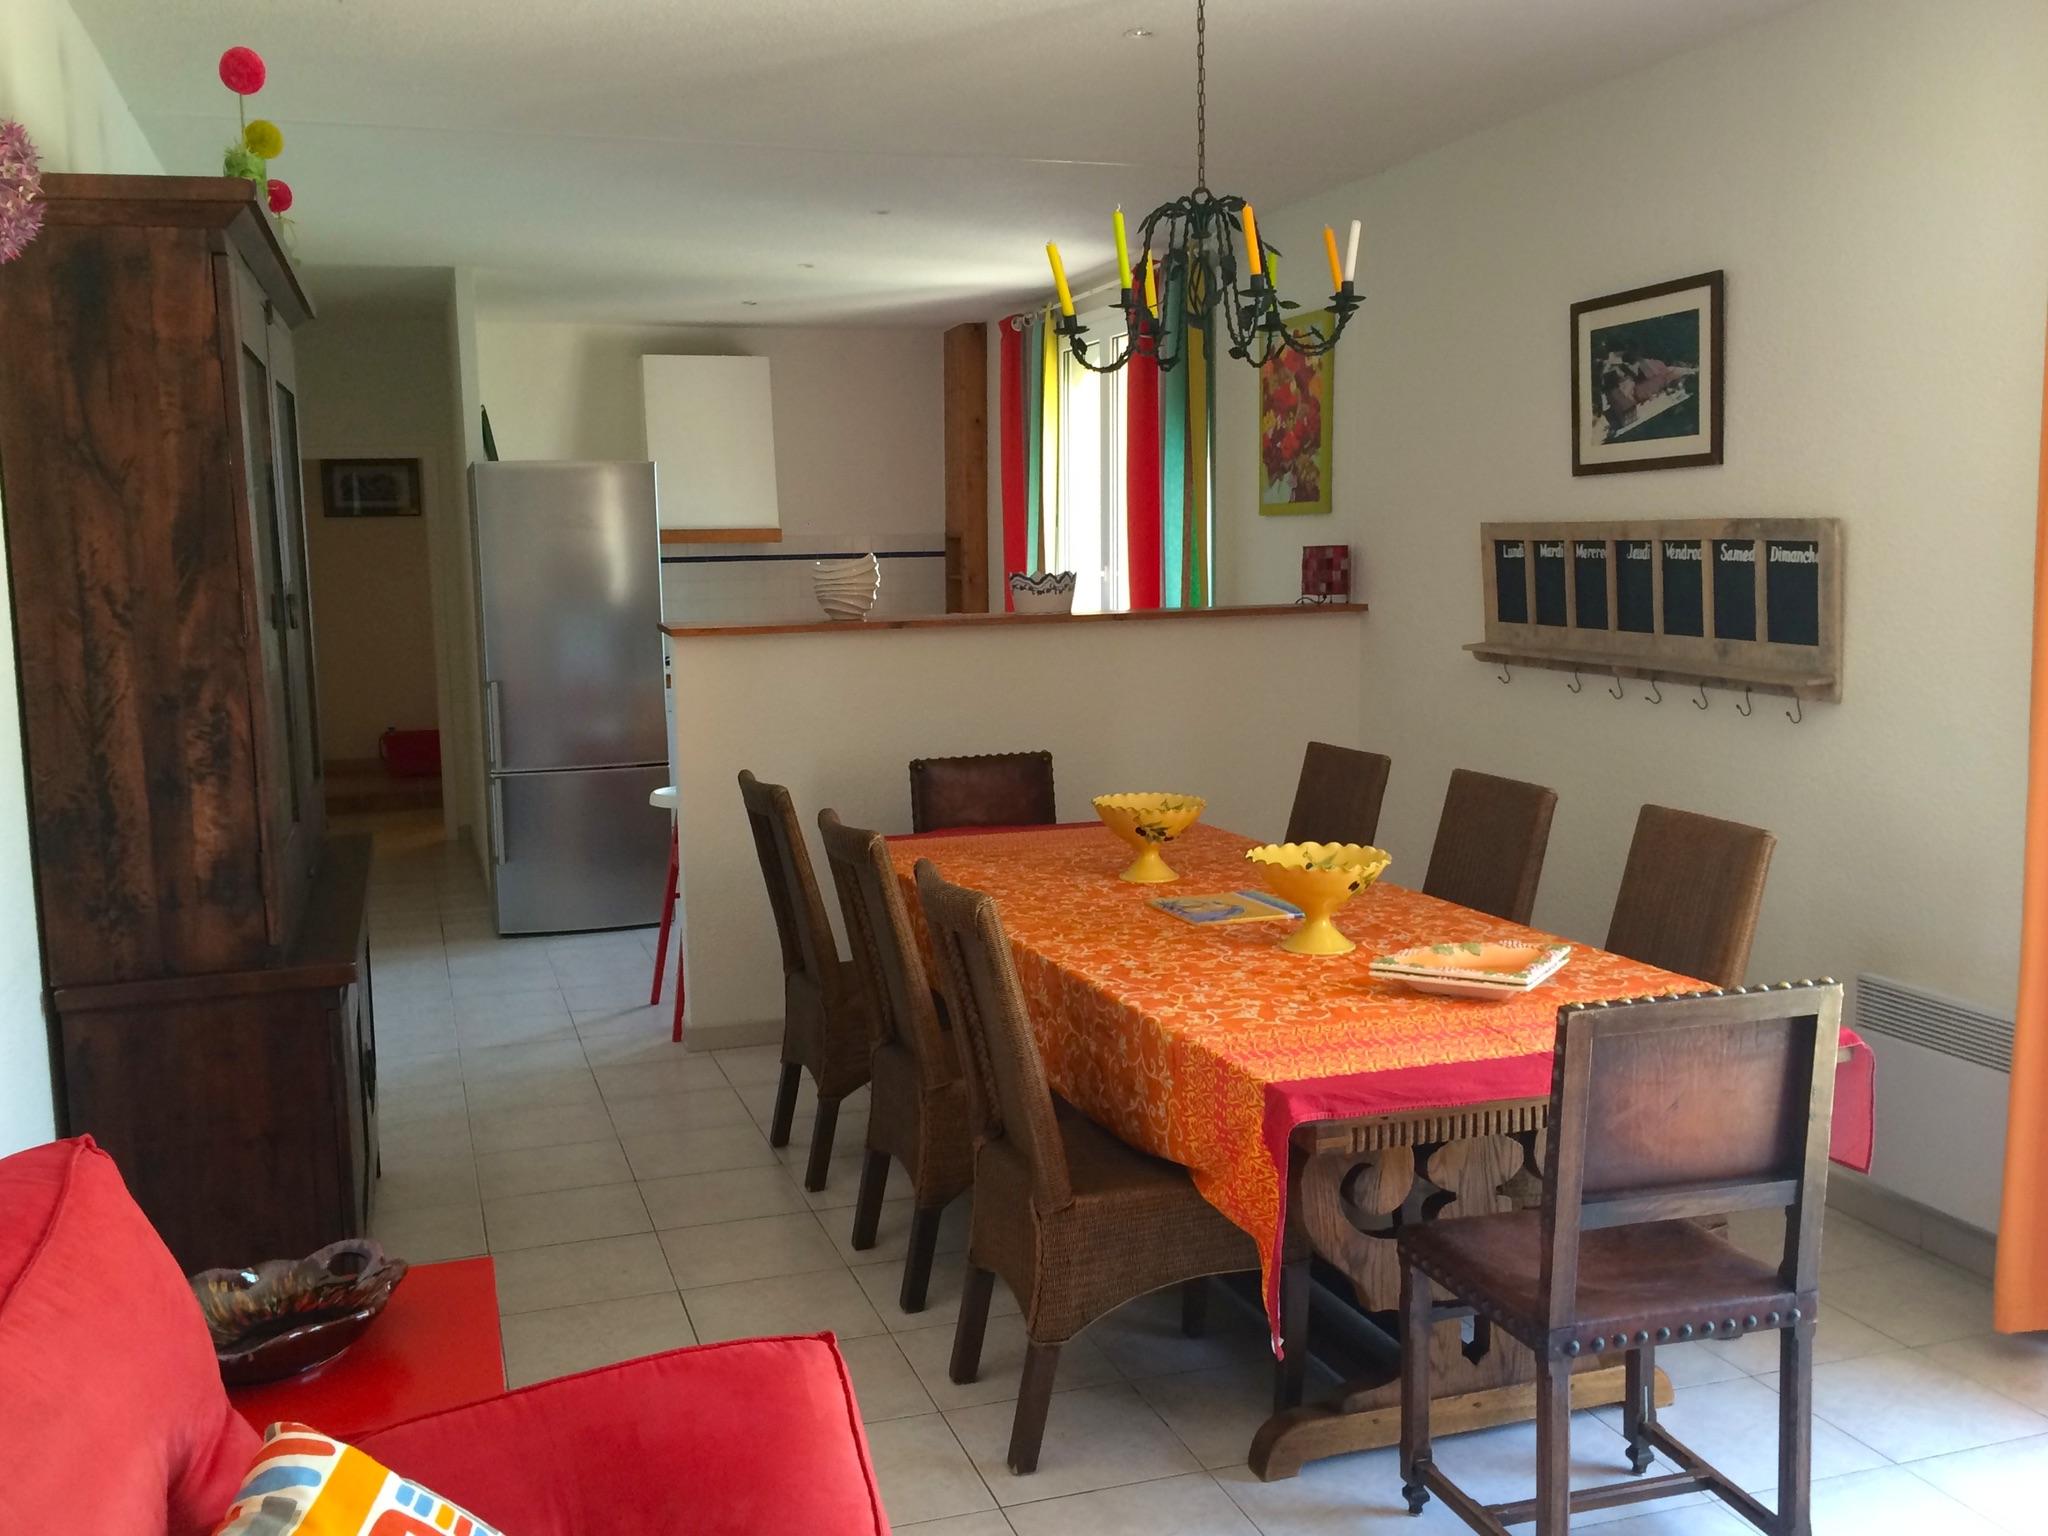 Ferienhaus Charaktervolles Haus in Hérault mit Pool und Garten (2201003), Portiragnes, Mittelmeerküste Hérault, Languedoc-Roussillon, Frankreich, Bild 9